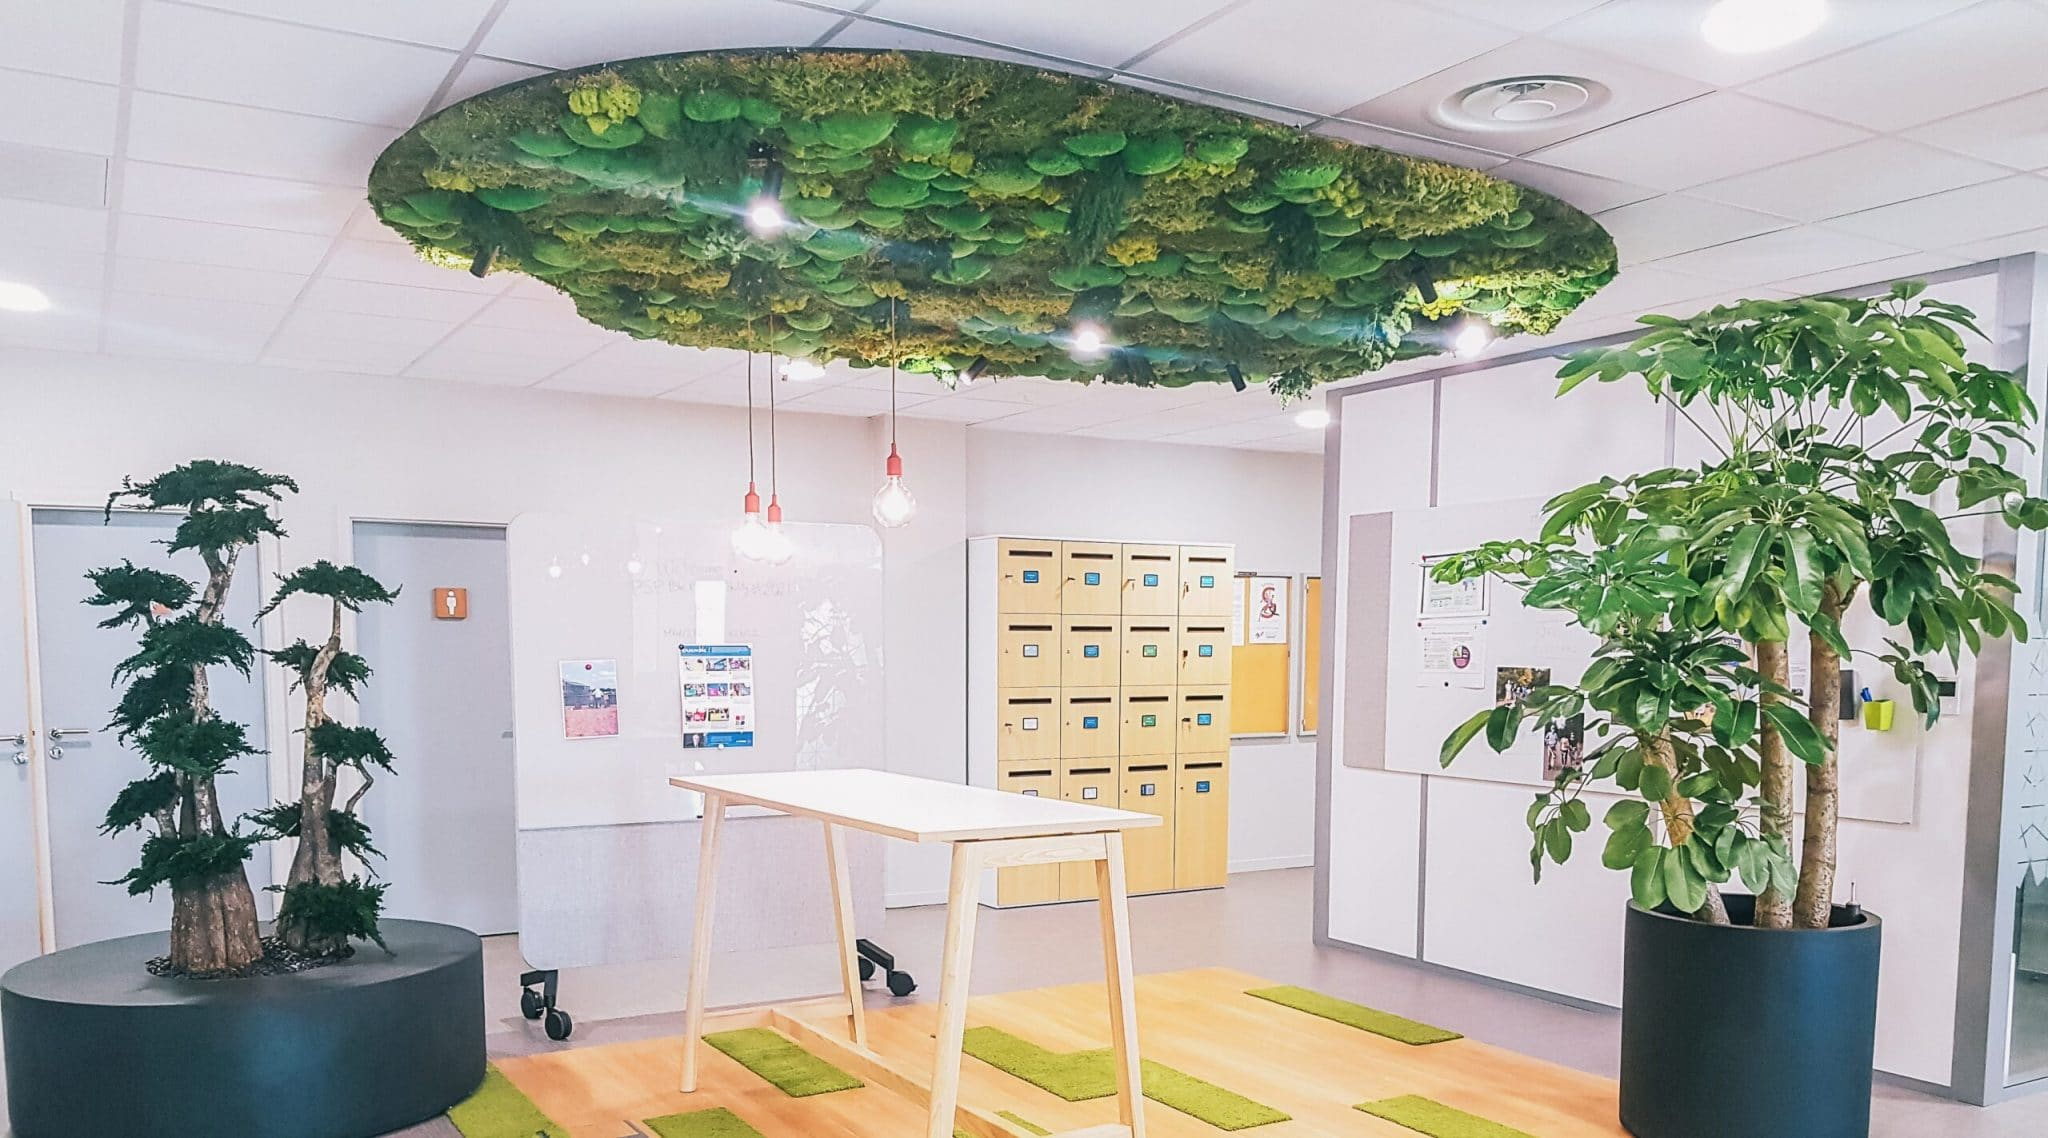 décoration végétale entreprise lyon